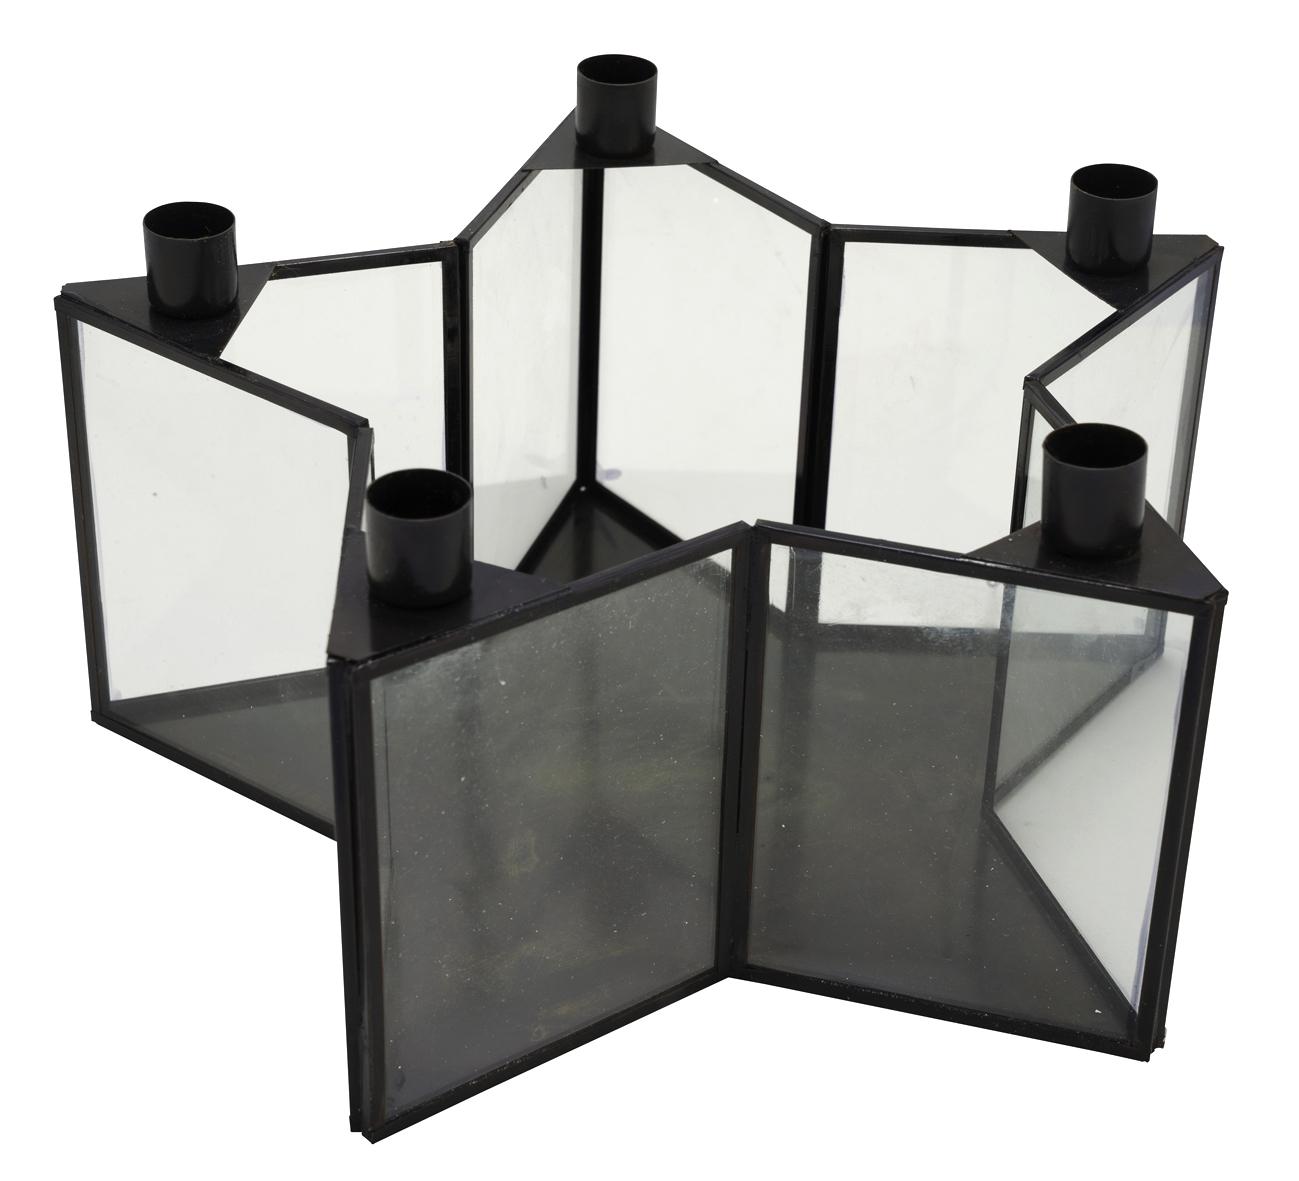 Stern Kerzenhalter aus schwarzem Metall mit Glas für 5 Stabkerzen als Weihnachtsdeko